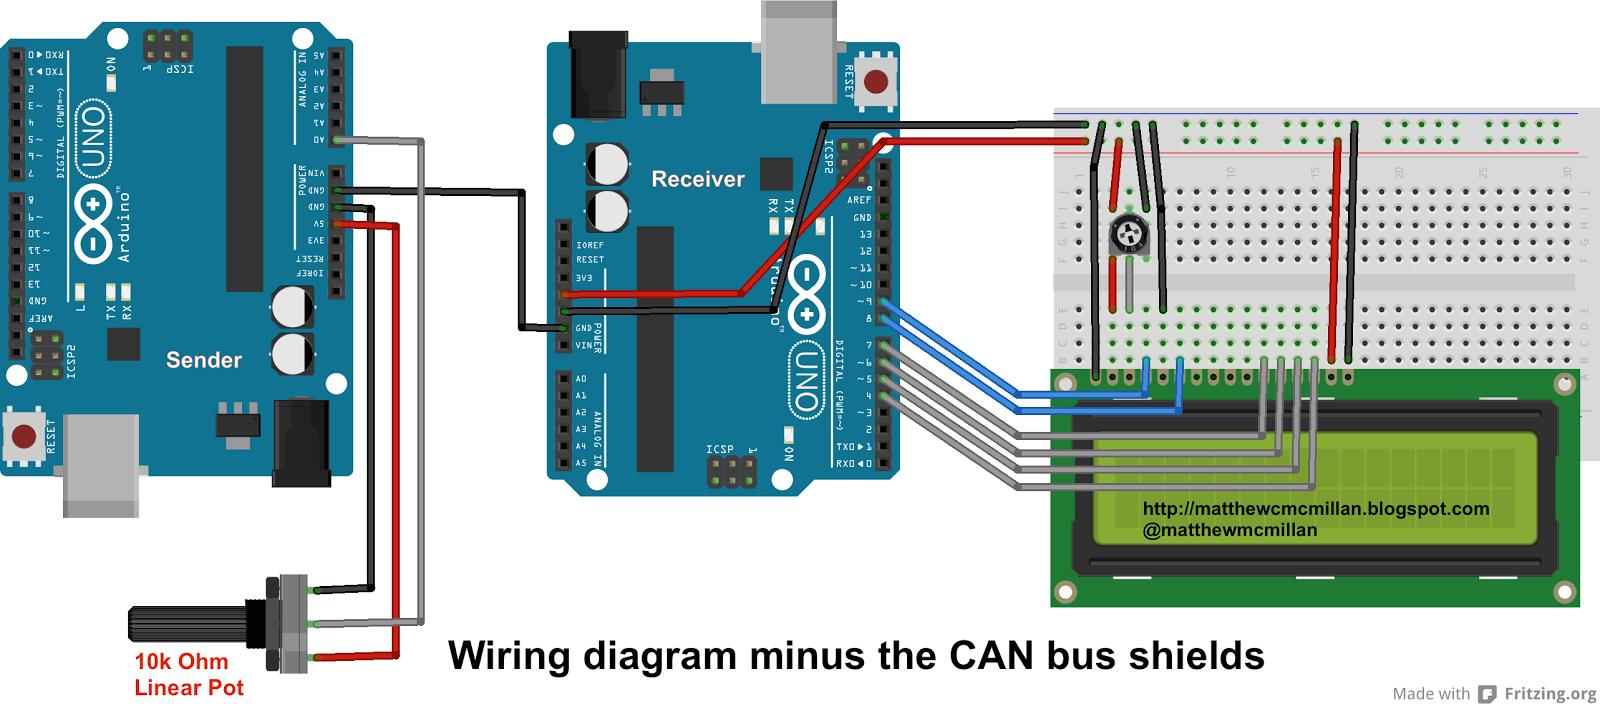 Matthew McMillan: Arduino  Sending data over a CAN bus